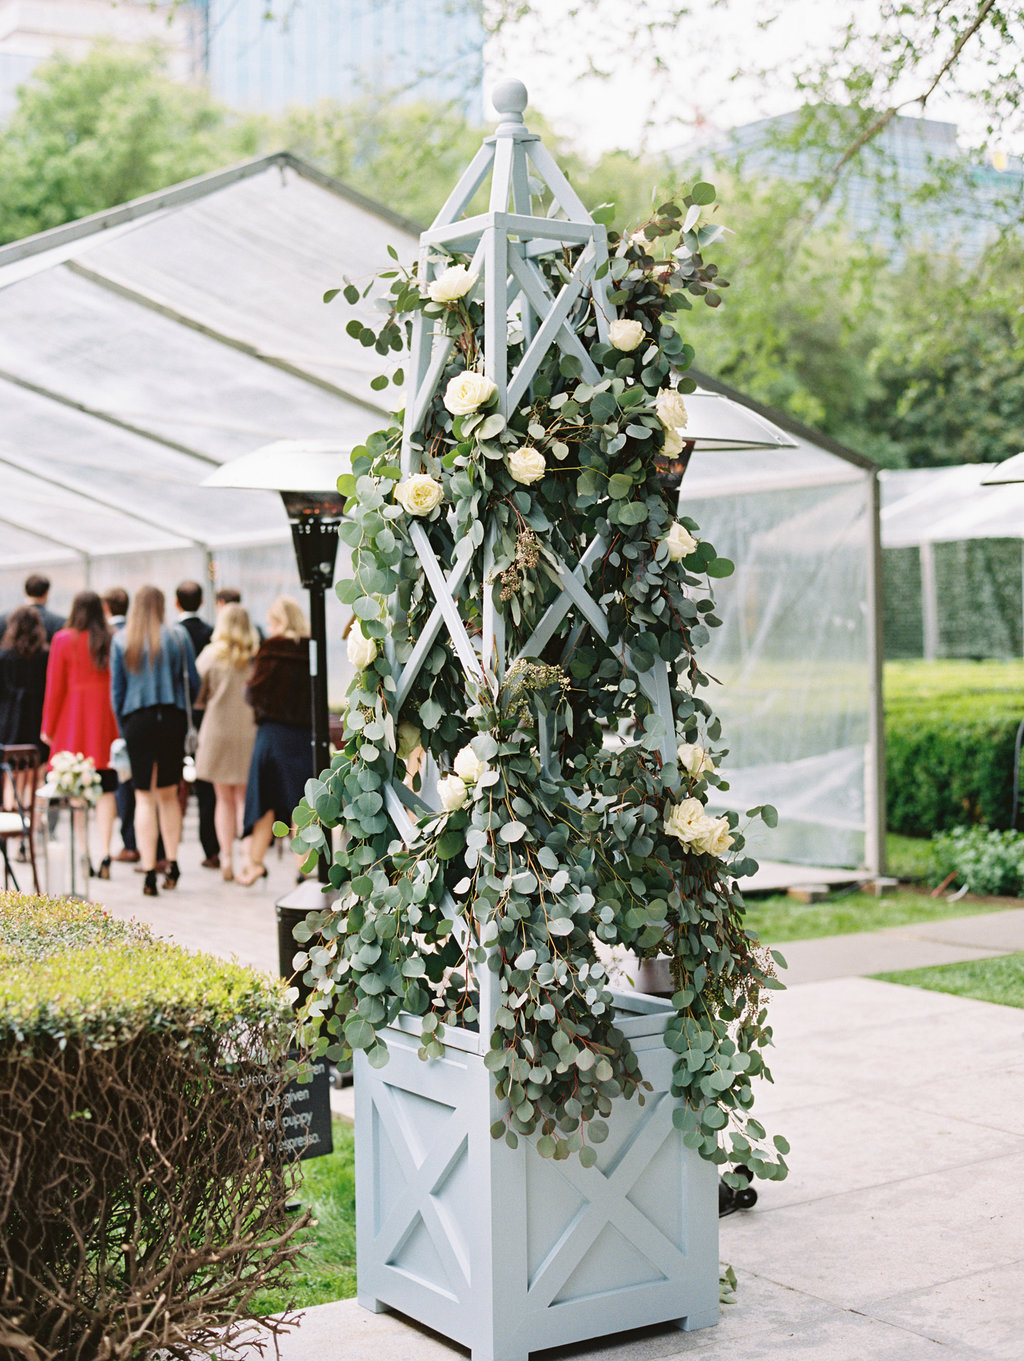 Caroline_Events_Dallas_Wedding_Planner_Marie_Gabrielle_Harwood_Wedding23.jpg